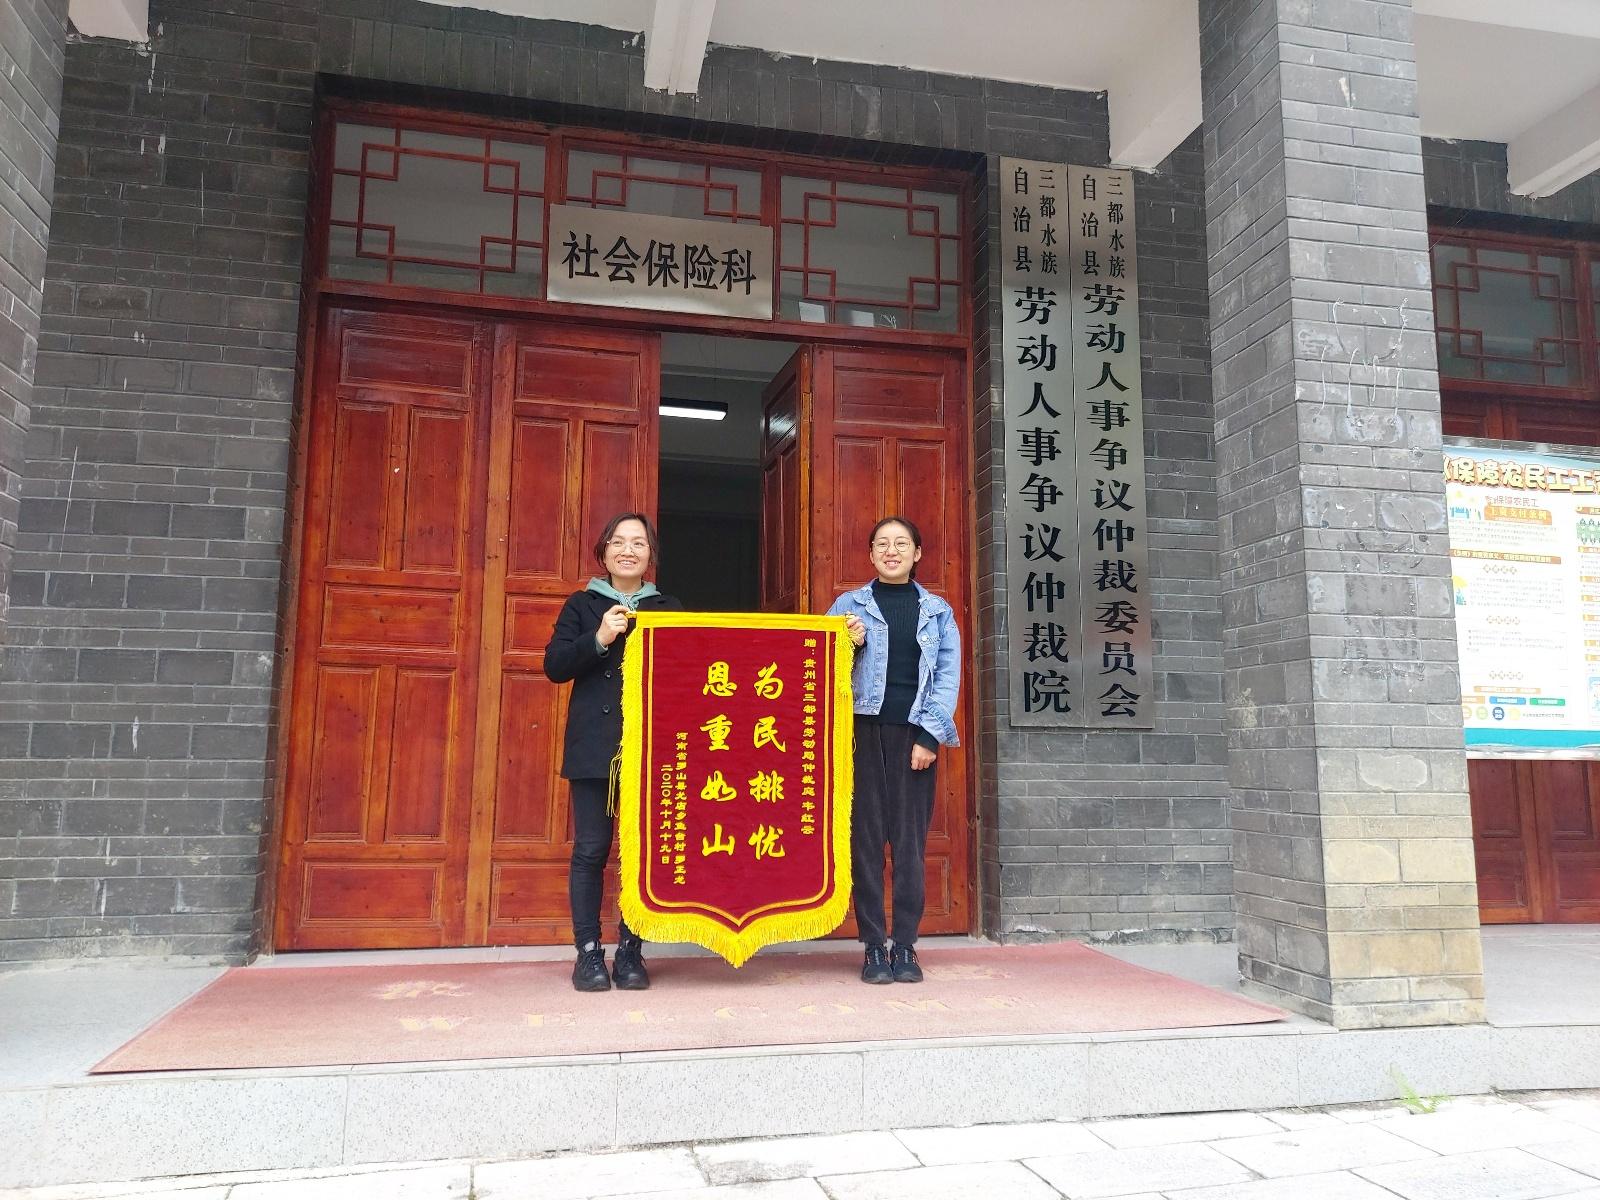 三都县人社局尽心尽责为民排忧,劳动者千里暖心送锦旗